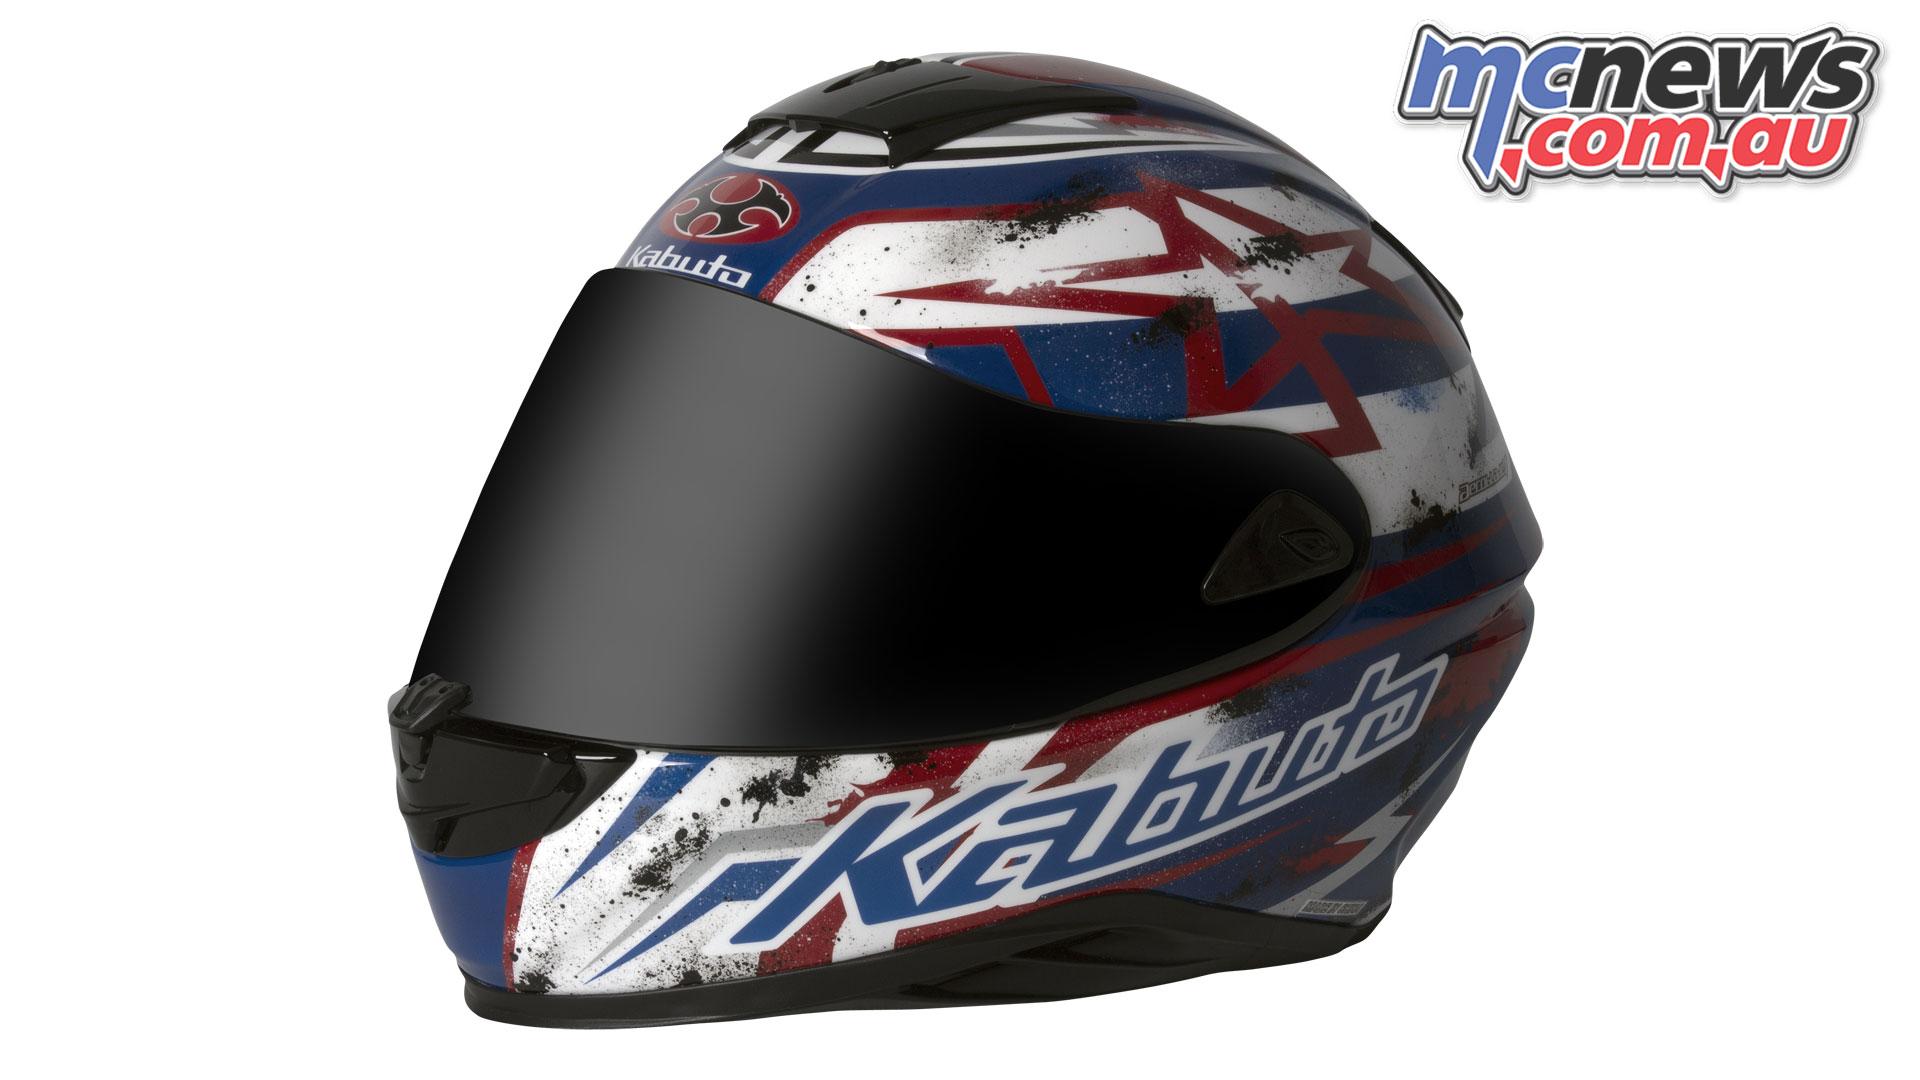 Kabuto Aeroblade 5 Helmet Released 429 95 Mcnews Com Au